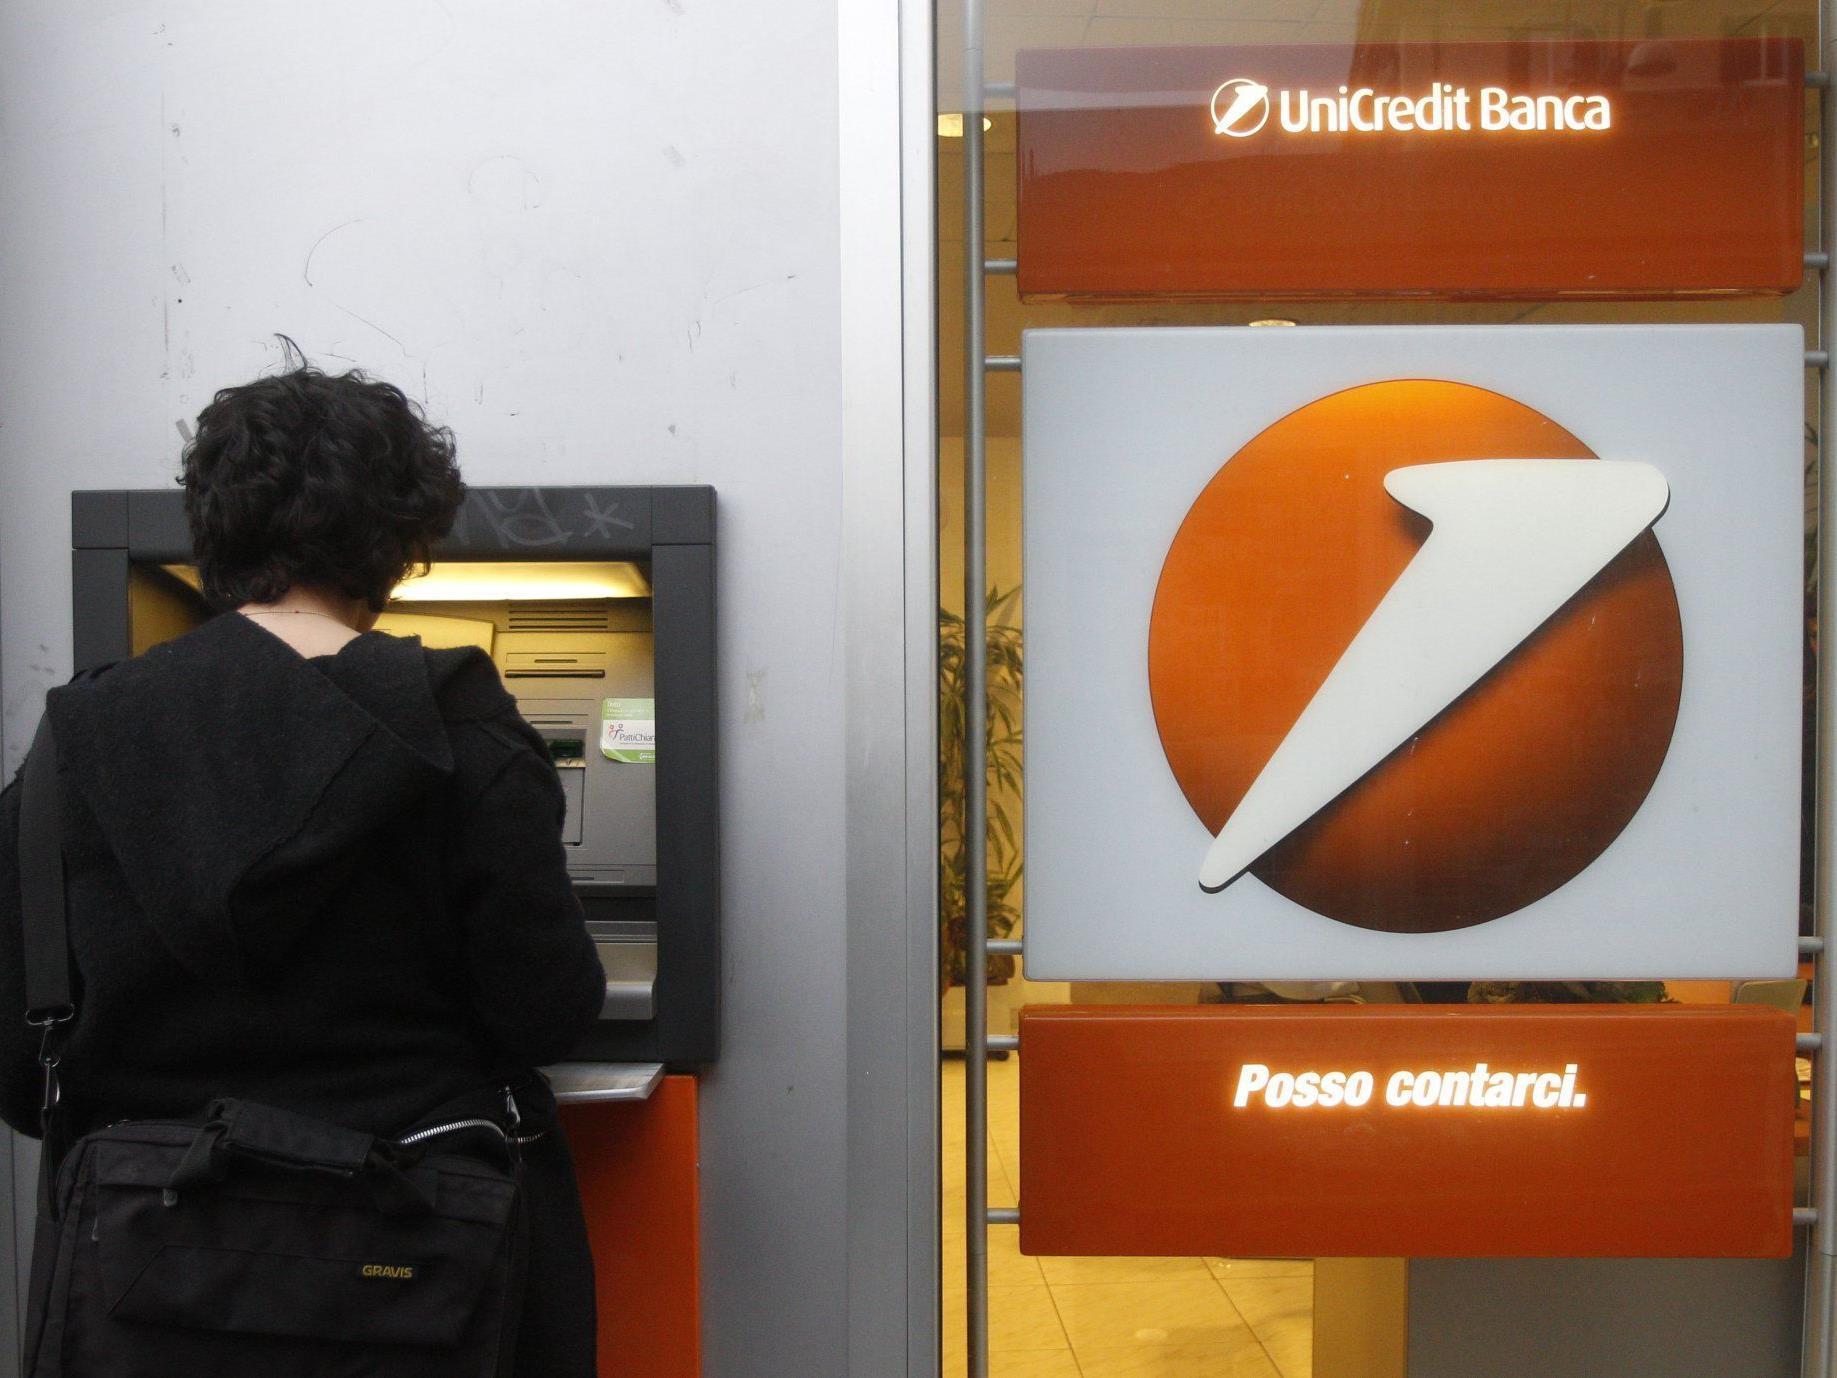 Seit letzter Woche brache die UniCredit-Aktie um 40 Prozent ein.